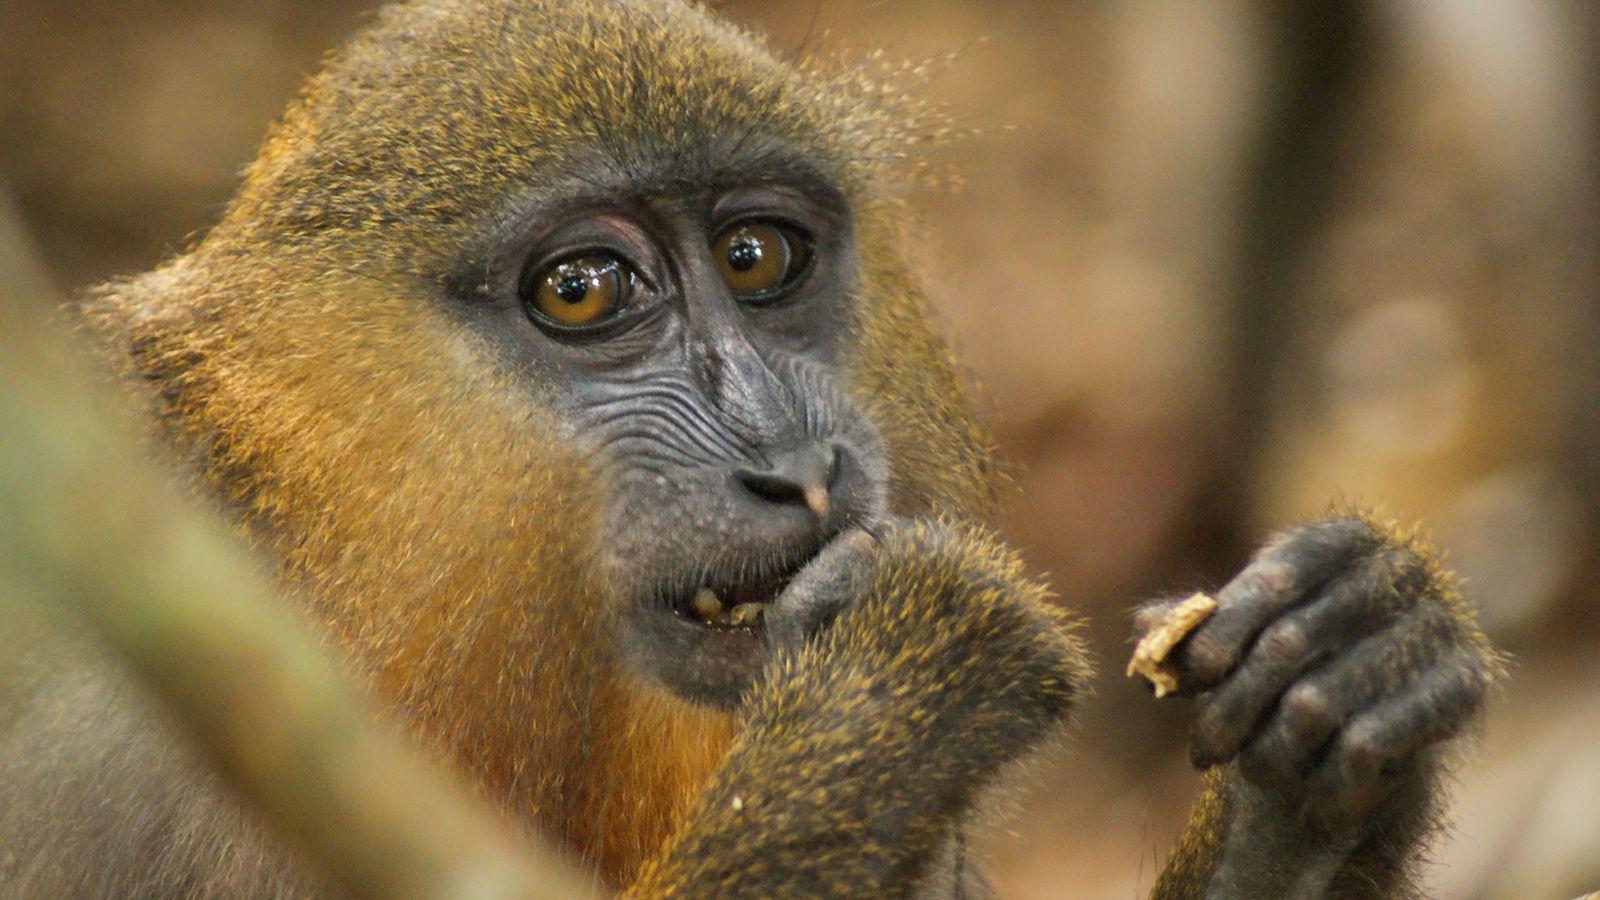 Los monos huelen excrementos